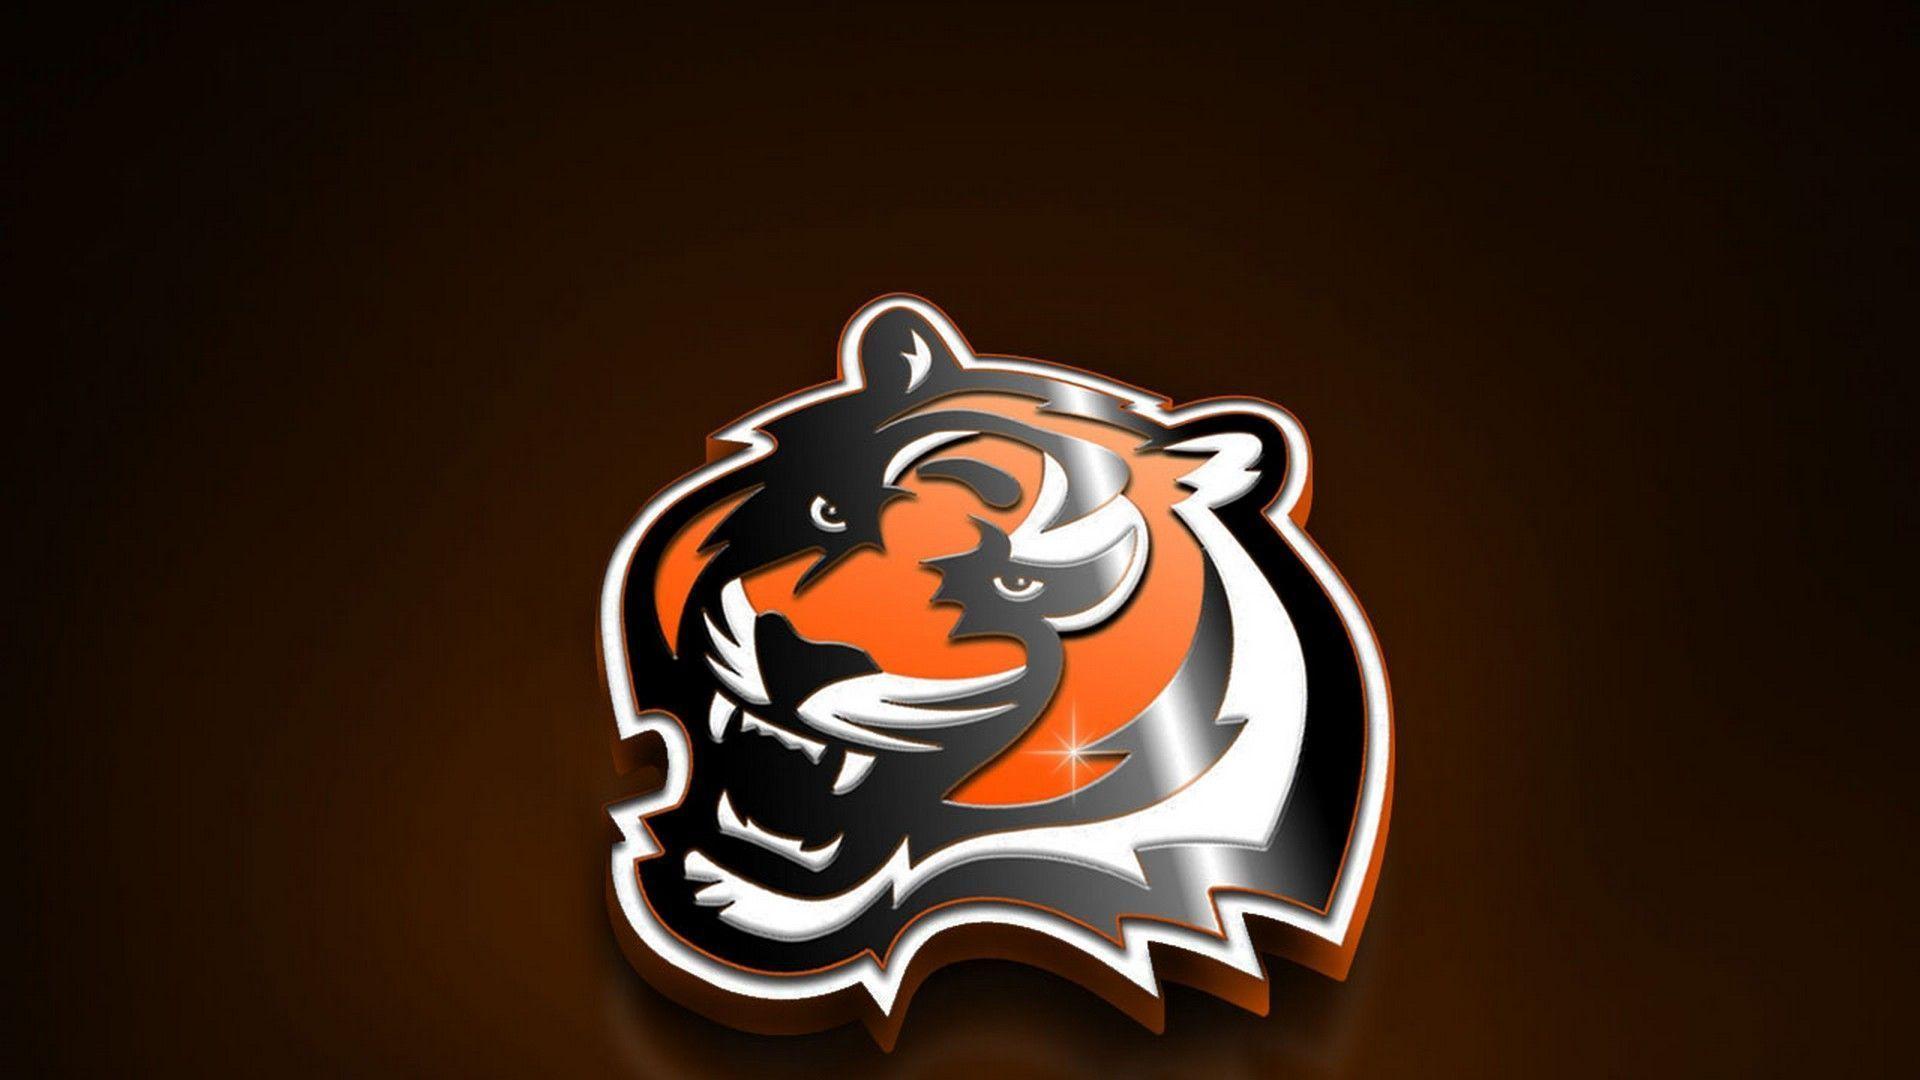 Cincinnati Bengals For Desktop Wallpapers